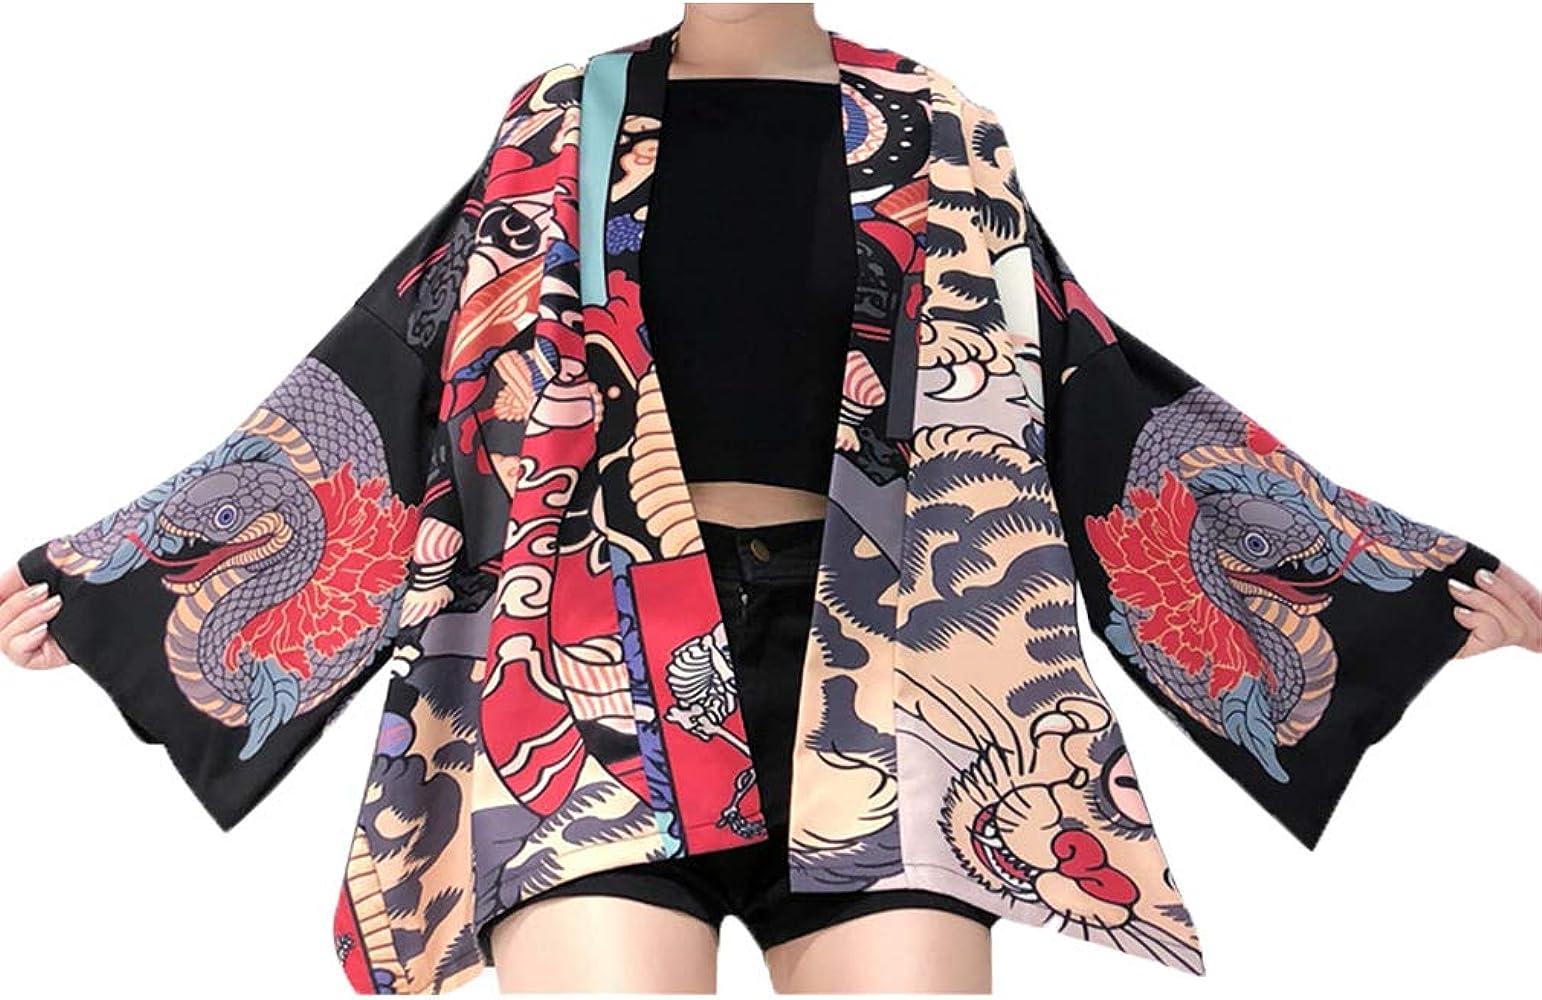 Dcola Harajuku - Camisa de Verano Japonesa con Mangas Vibrantes, Chaqueta Kimono para Hombre y Mujer Negro Talla única: Amazon.es: Ropa y accesorios